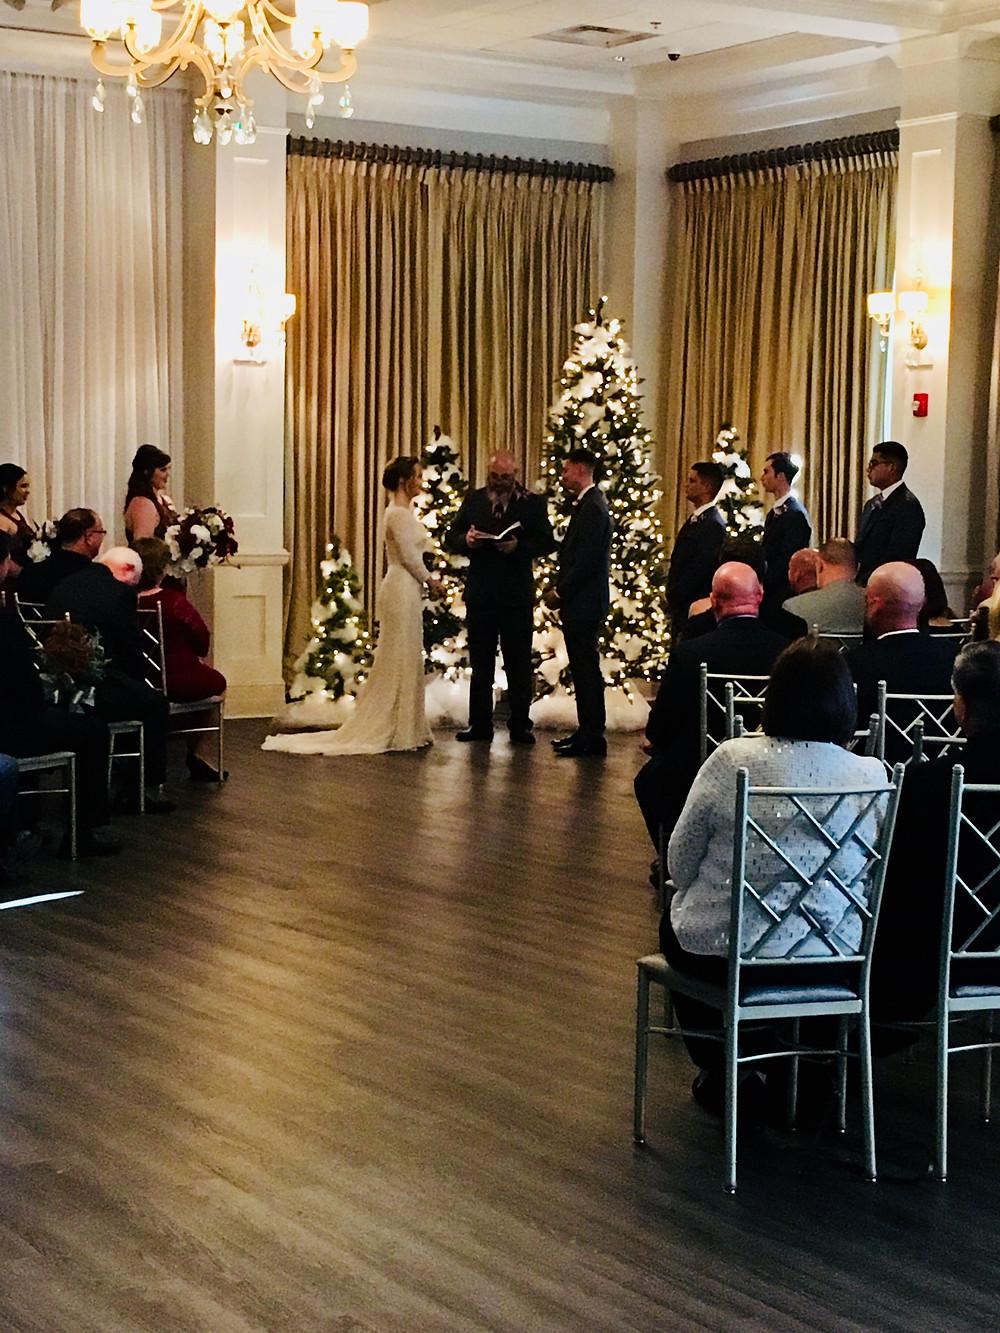 Wedding Ceremony, Bride And Groom Wedding Vows